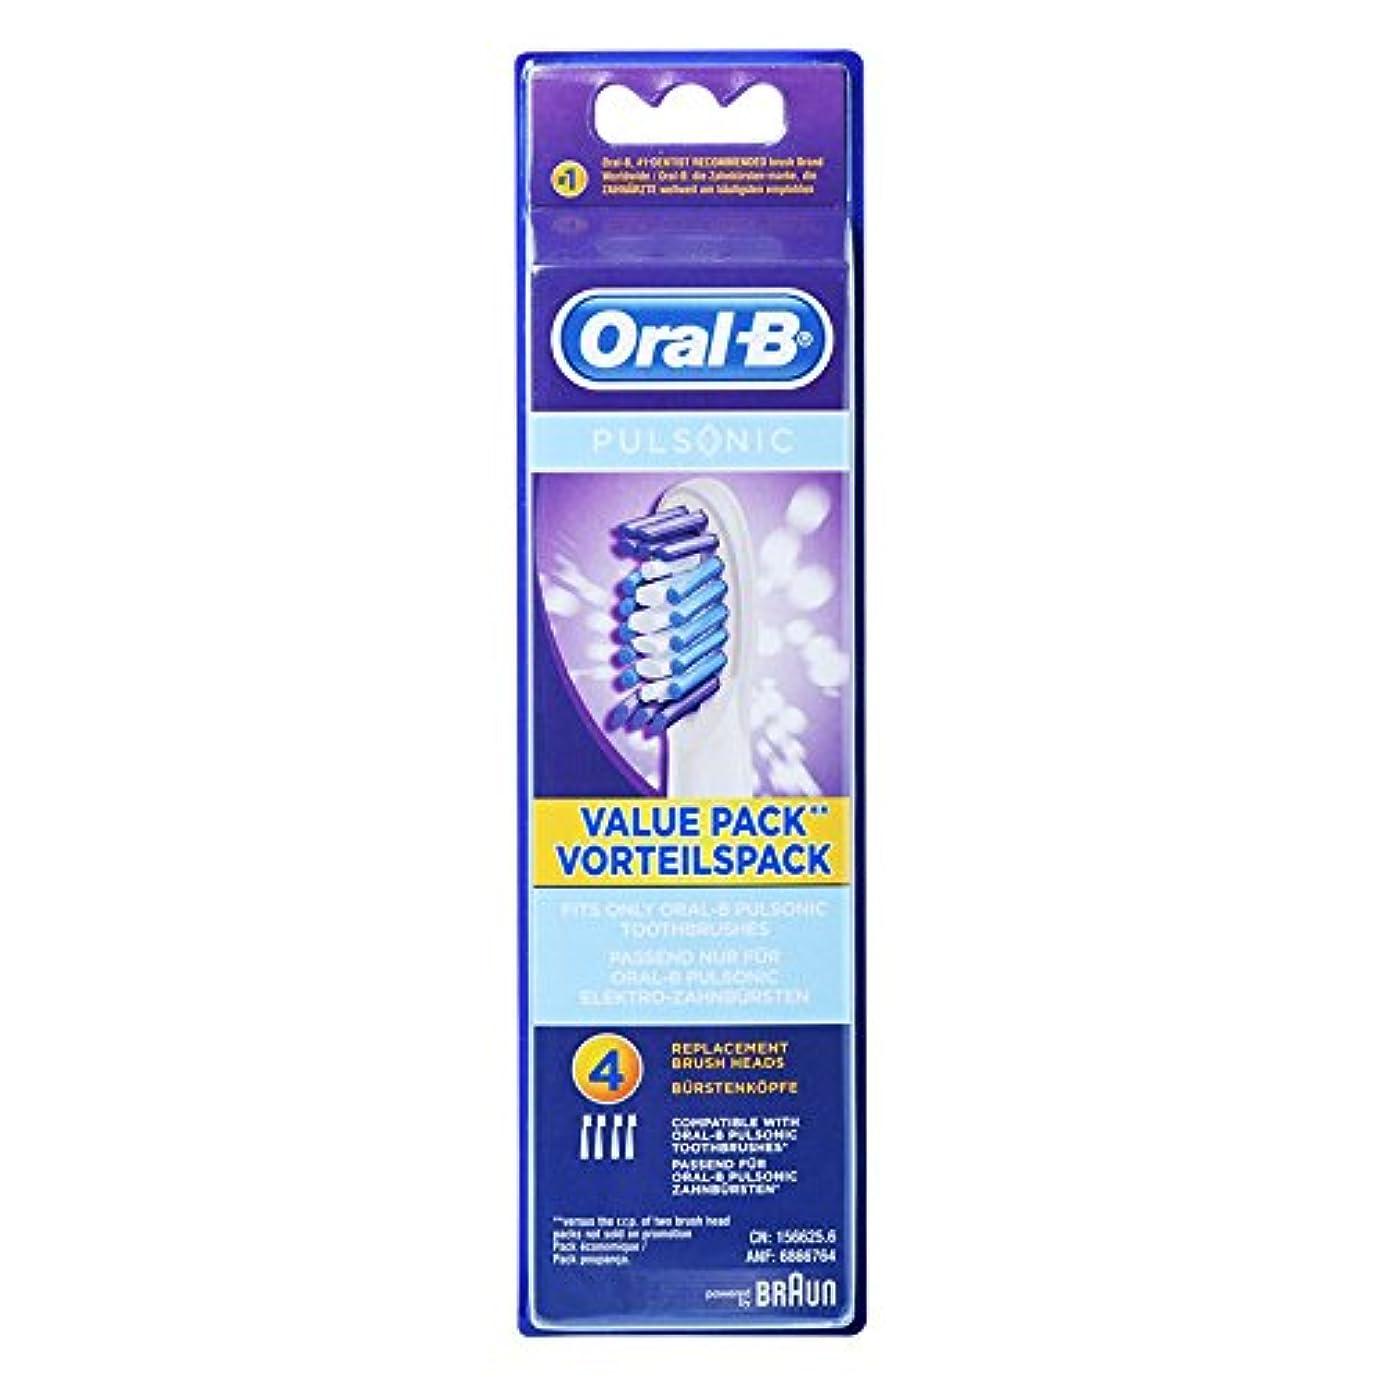 ステレオ男性ひねくれたBraun Oral-B SR32-4 Pulsonic Value Pack 交換用ブラシヘッド 1Pack [並行輸入品]